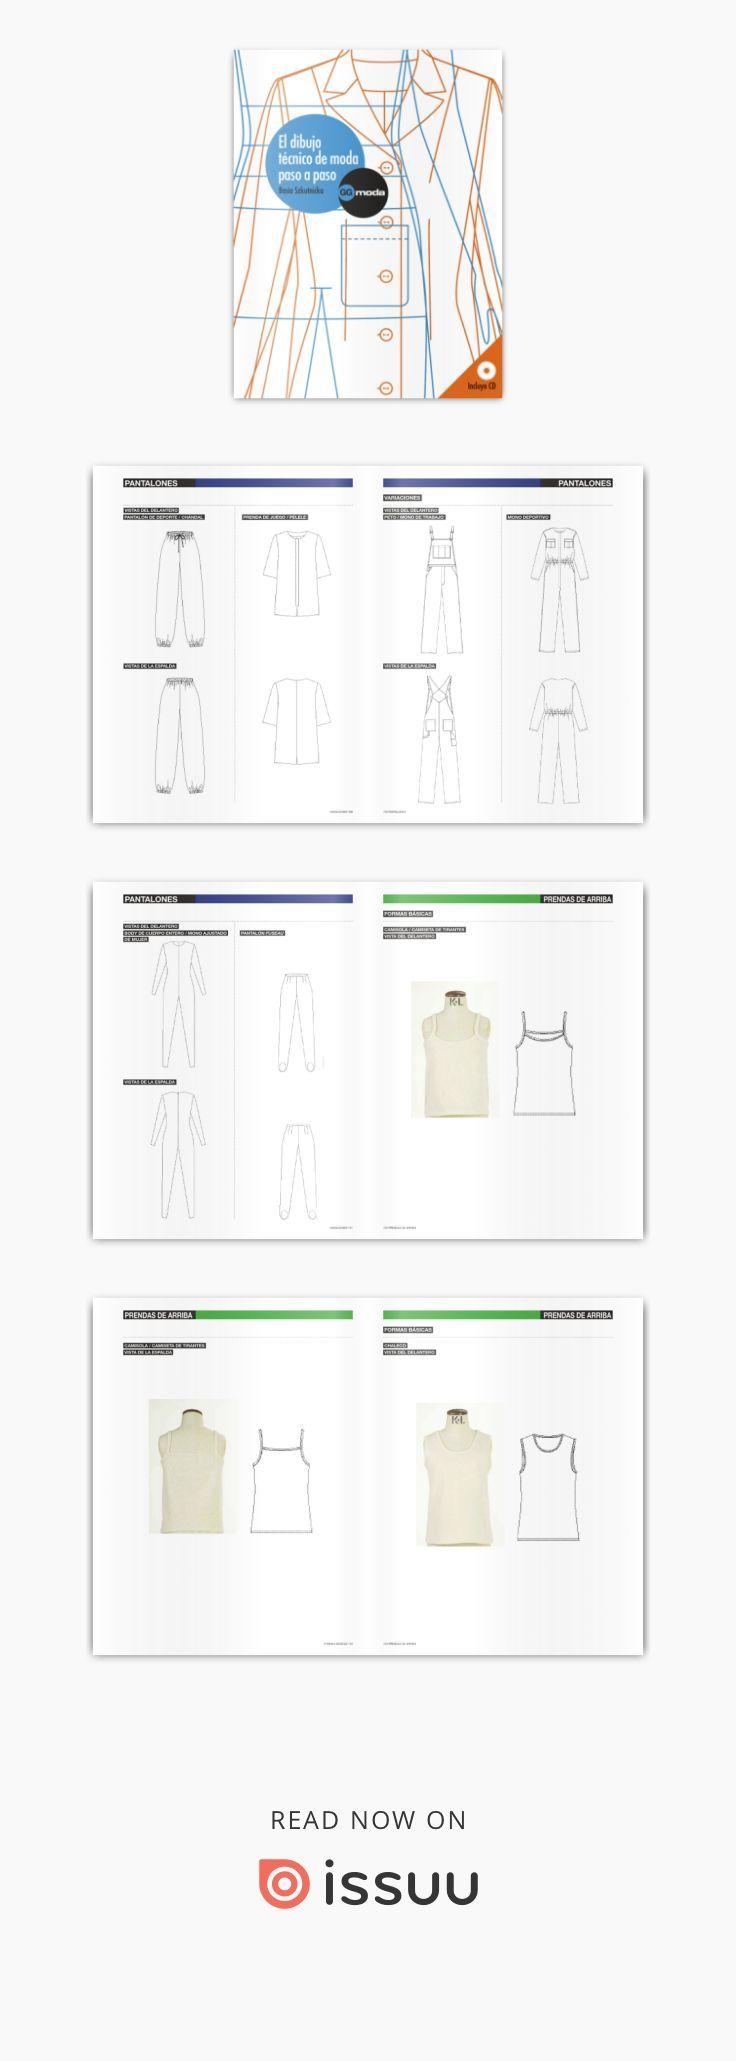 Libr el dibujo tecnico de moda paso a paso